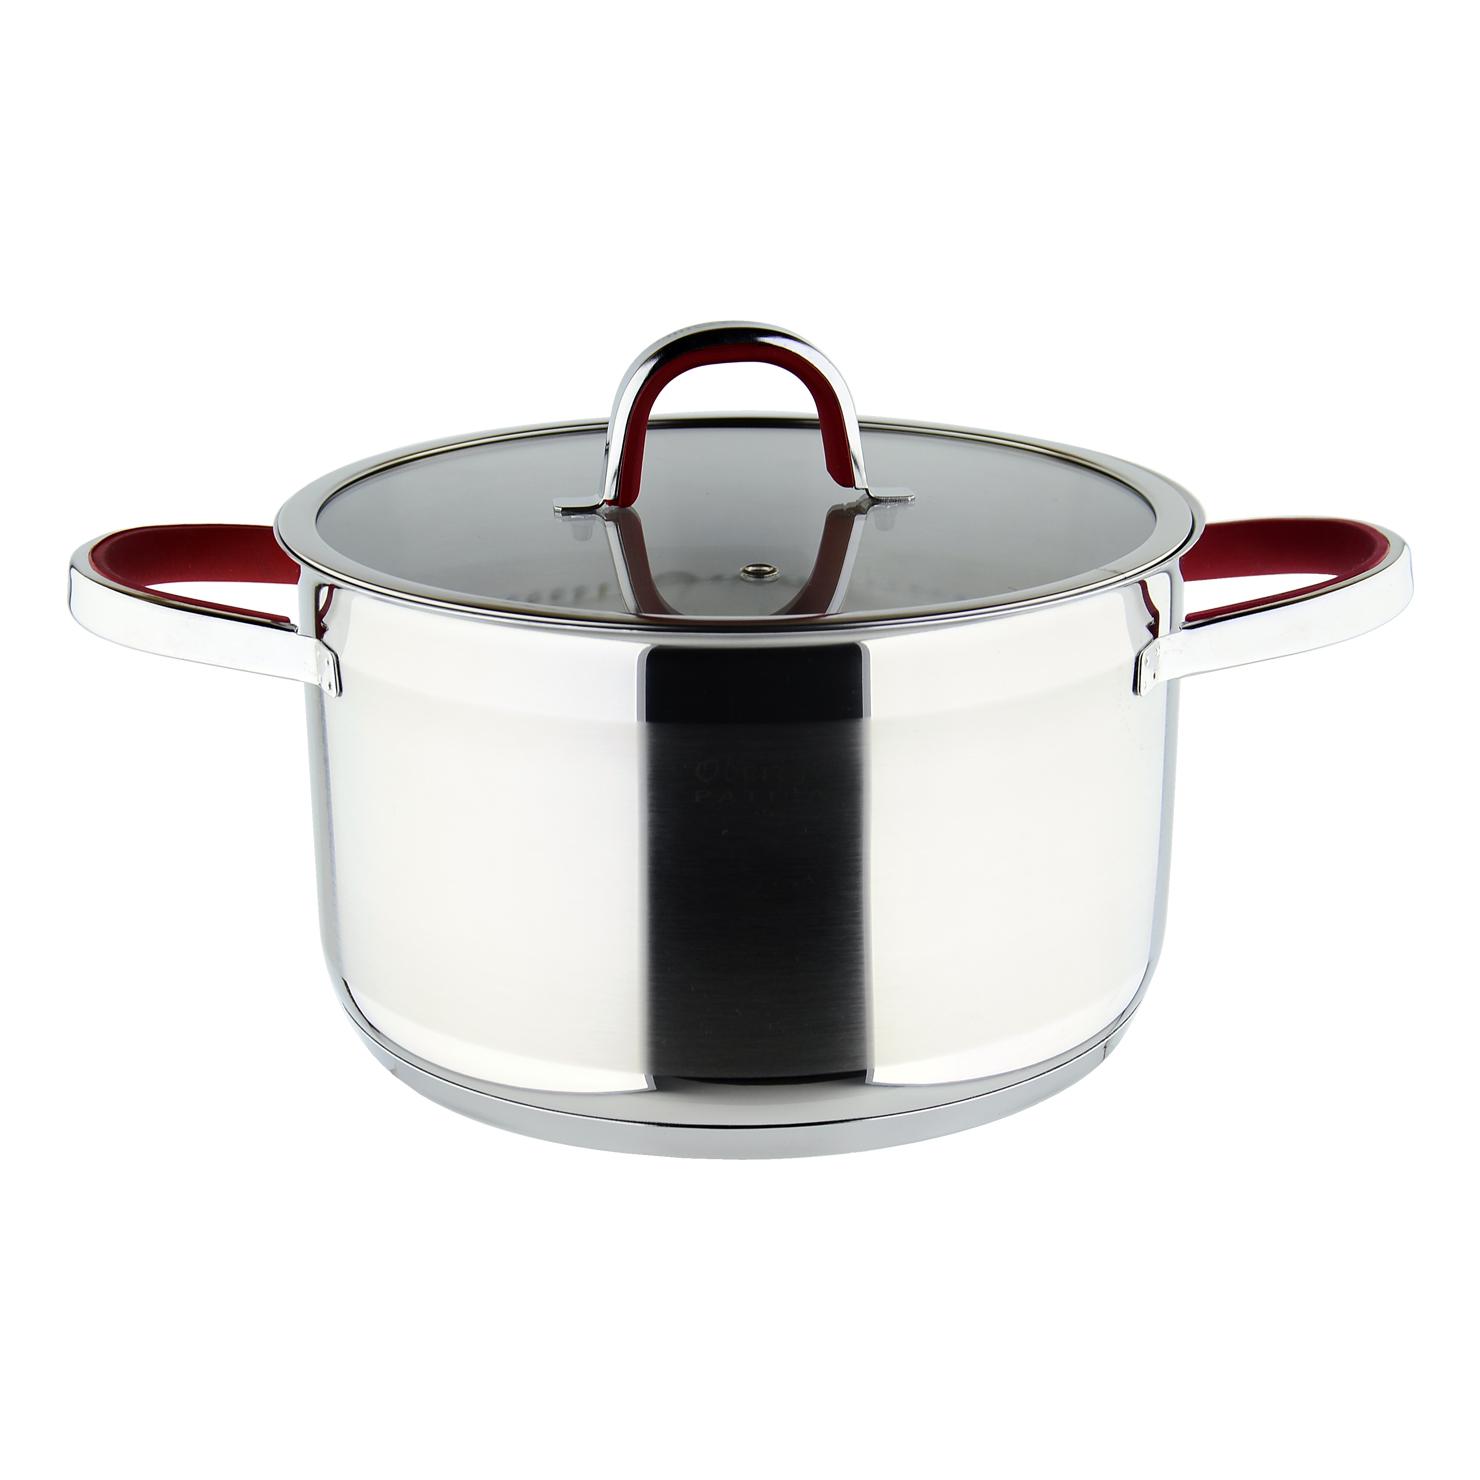 سرویس پخت و پز 9 پارچه اوبرون مدل پاتیلا